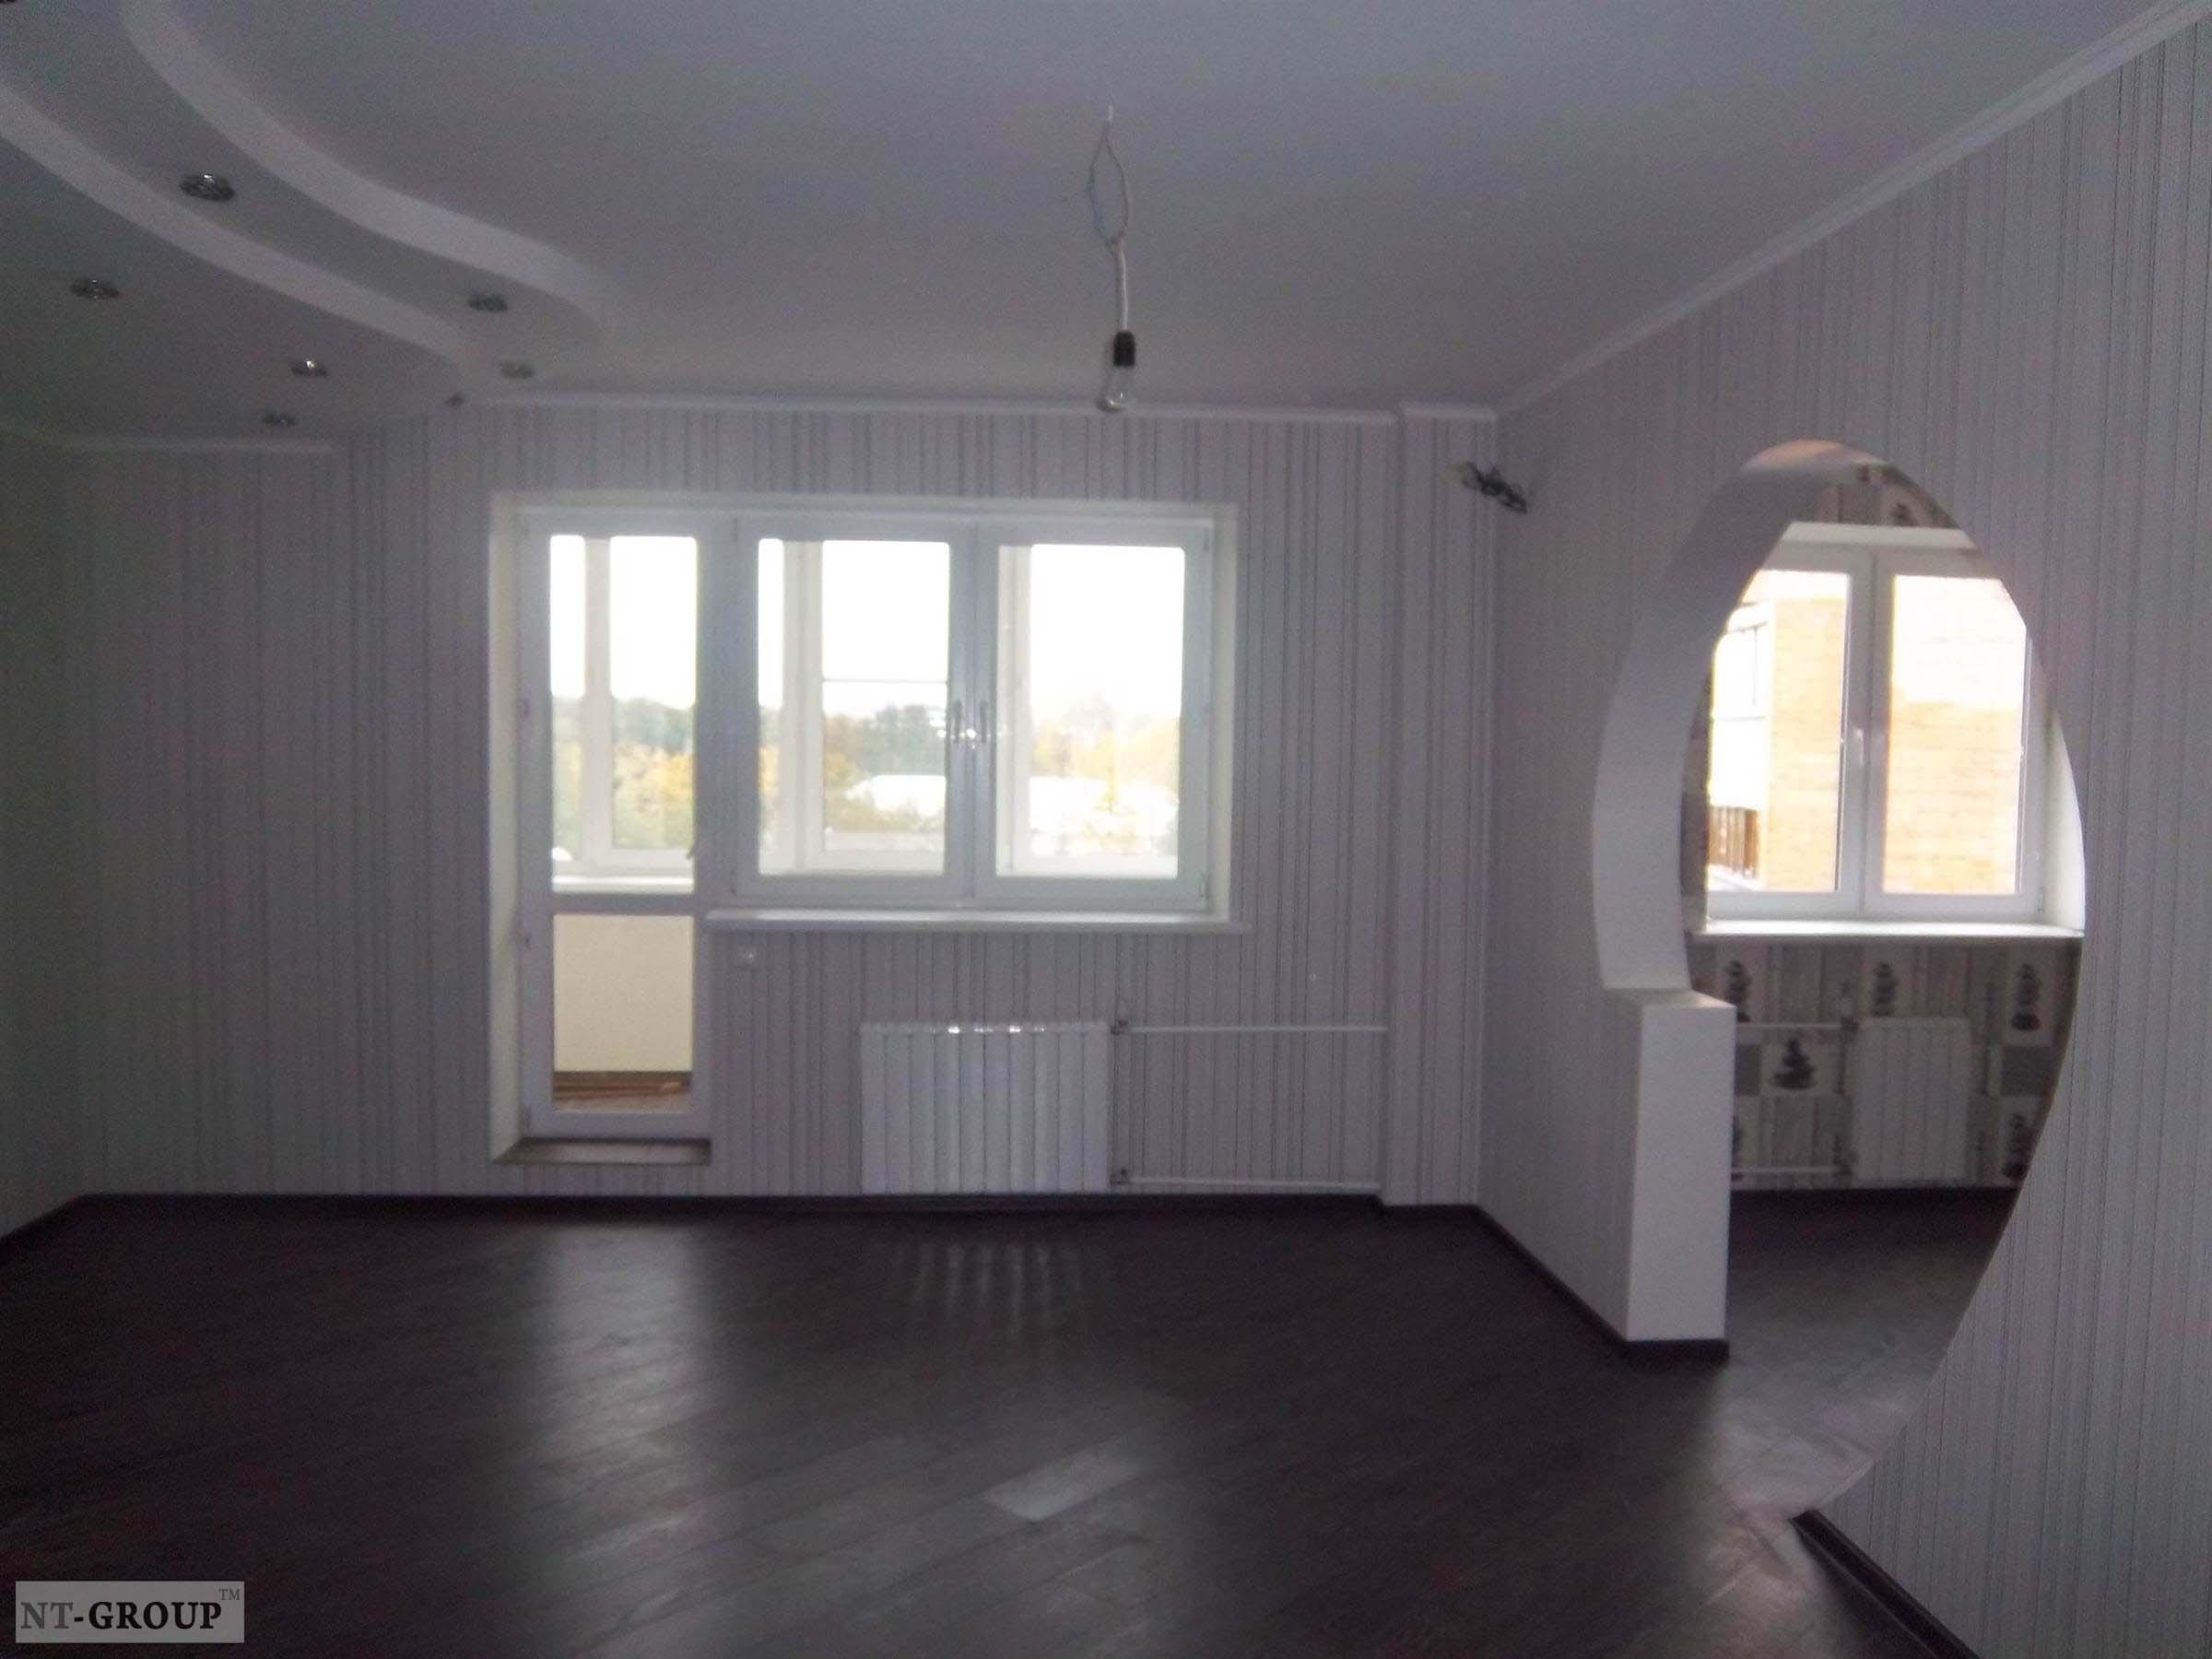 Ремонт квартир и домов в Наро-Фоминске, заказать ремонт